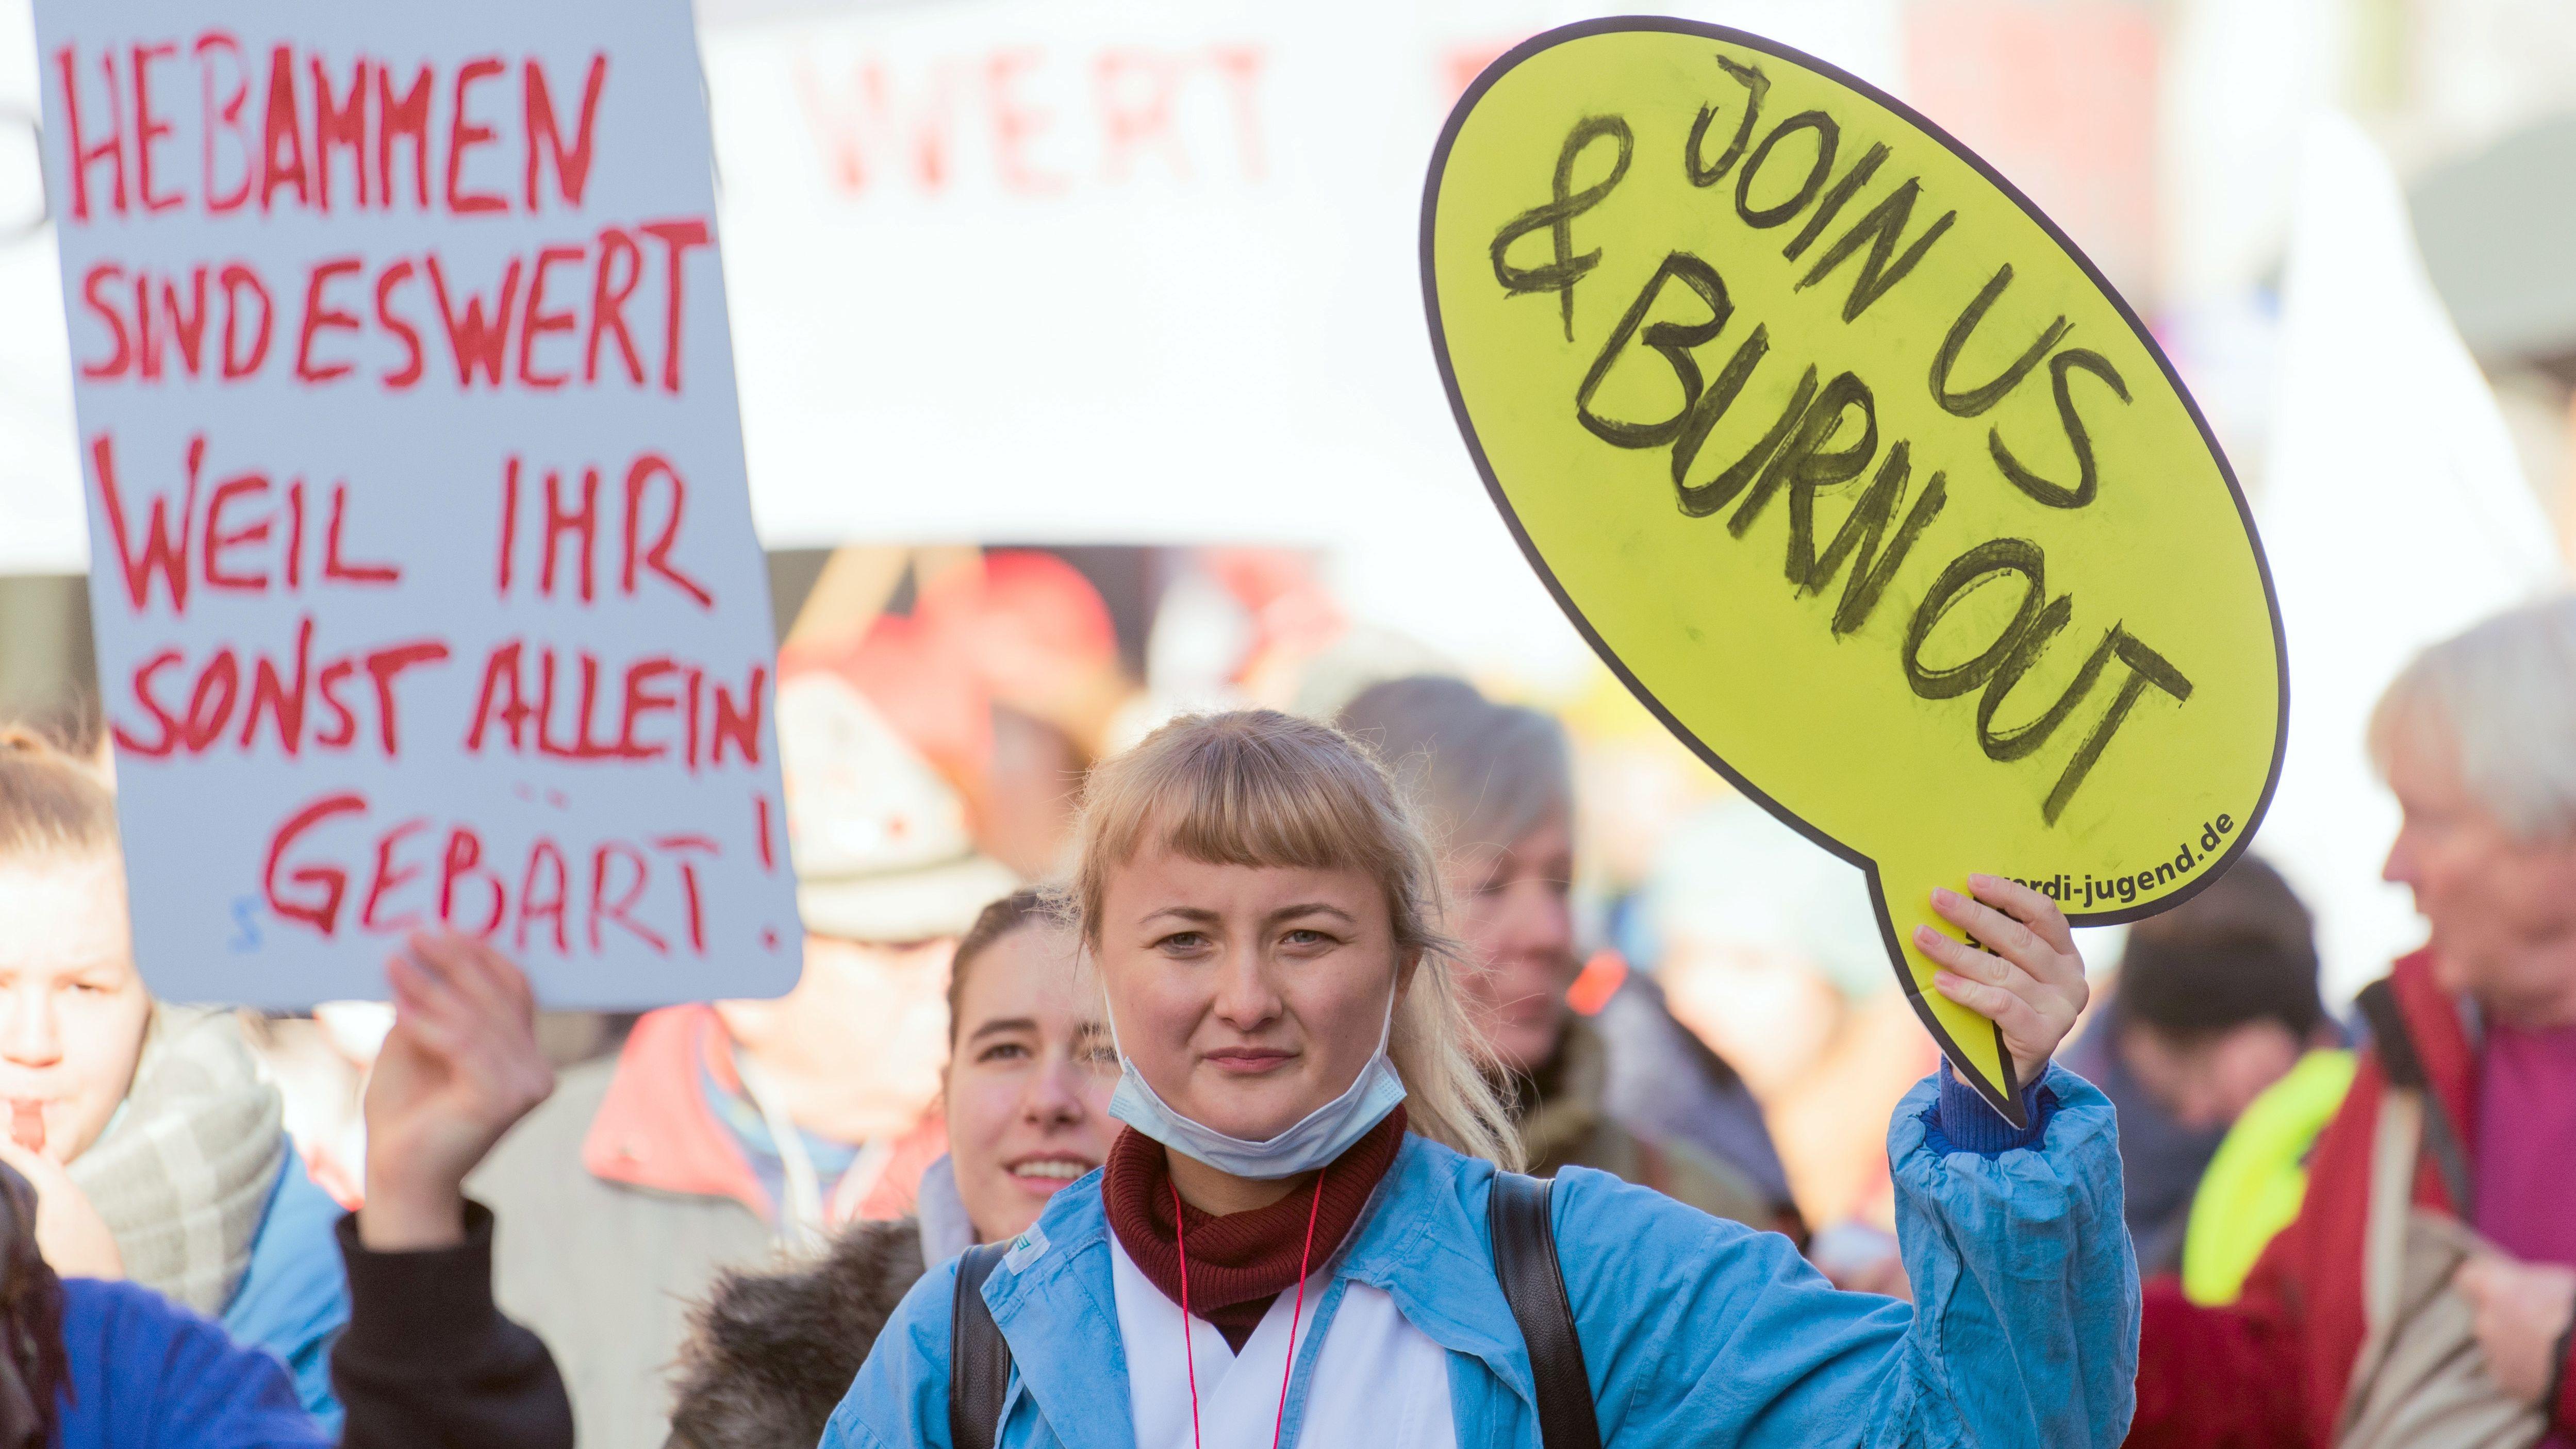 """Pflegekräfte während eines Warnstreiks im Februar 2019 in Würzburg, auf einem Schild steht: """"Hebammen sind es wert, weil ihr sonst allein gebärt"""""""